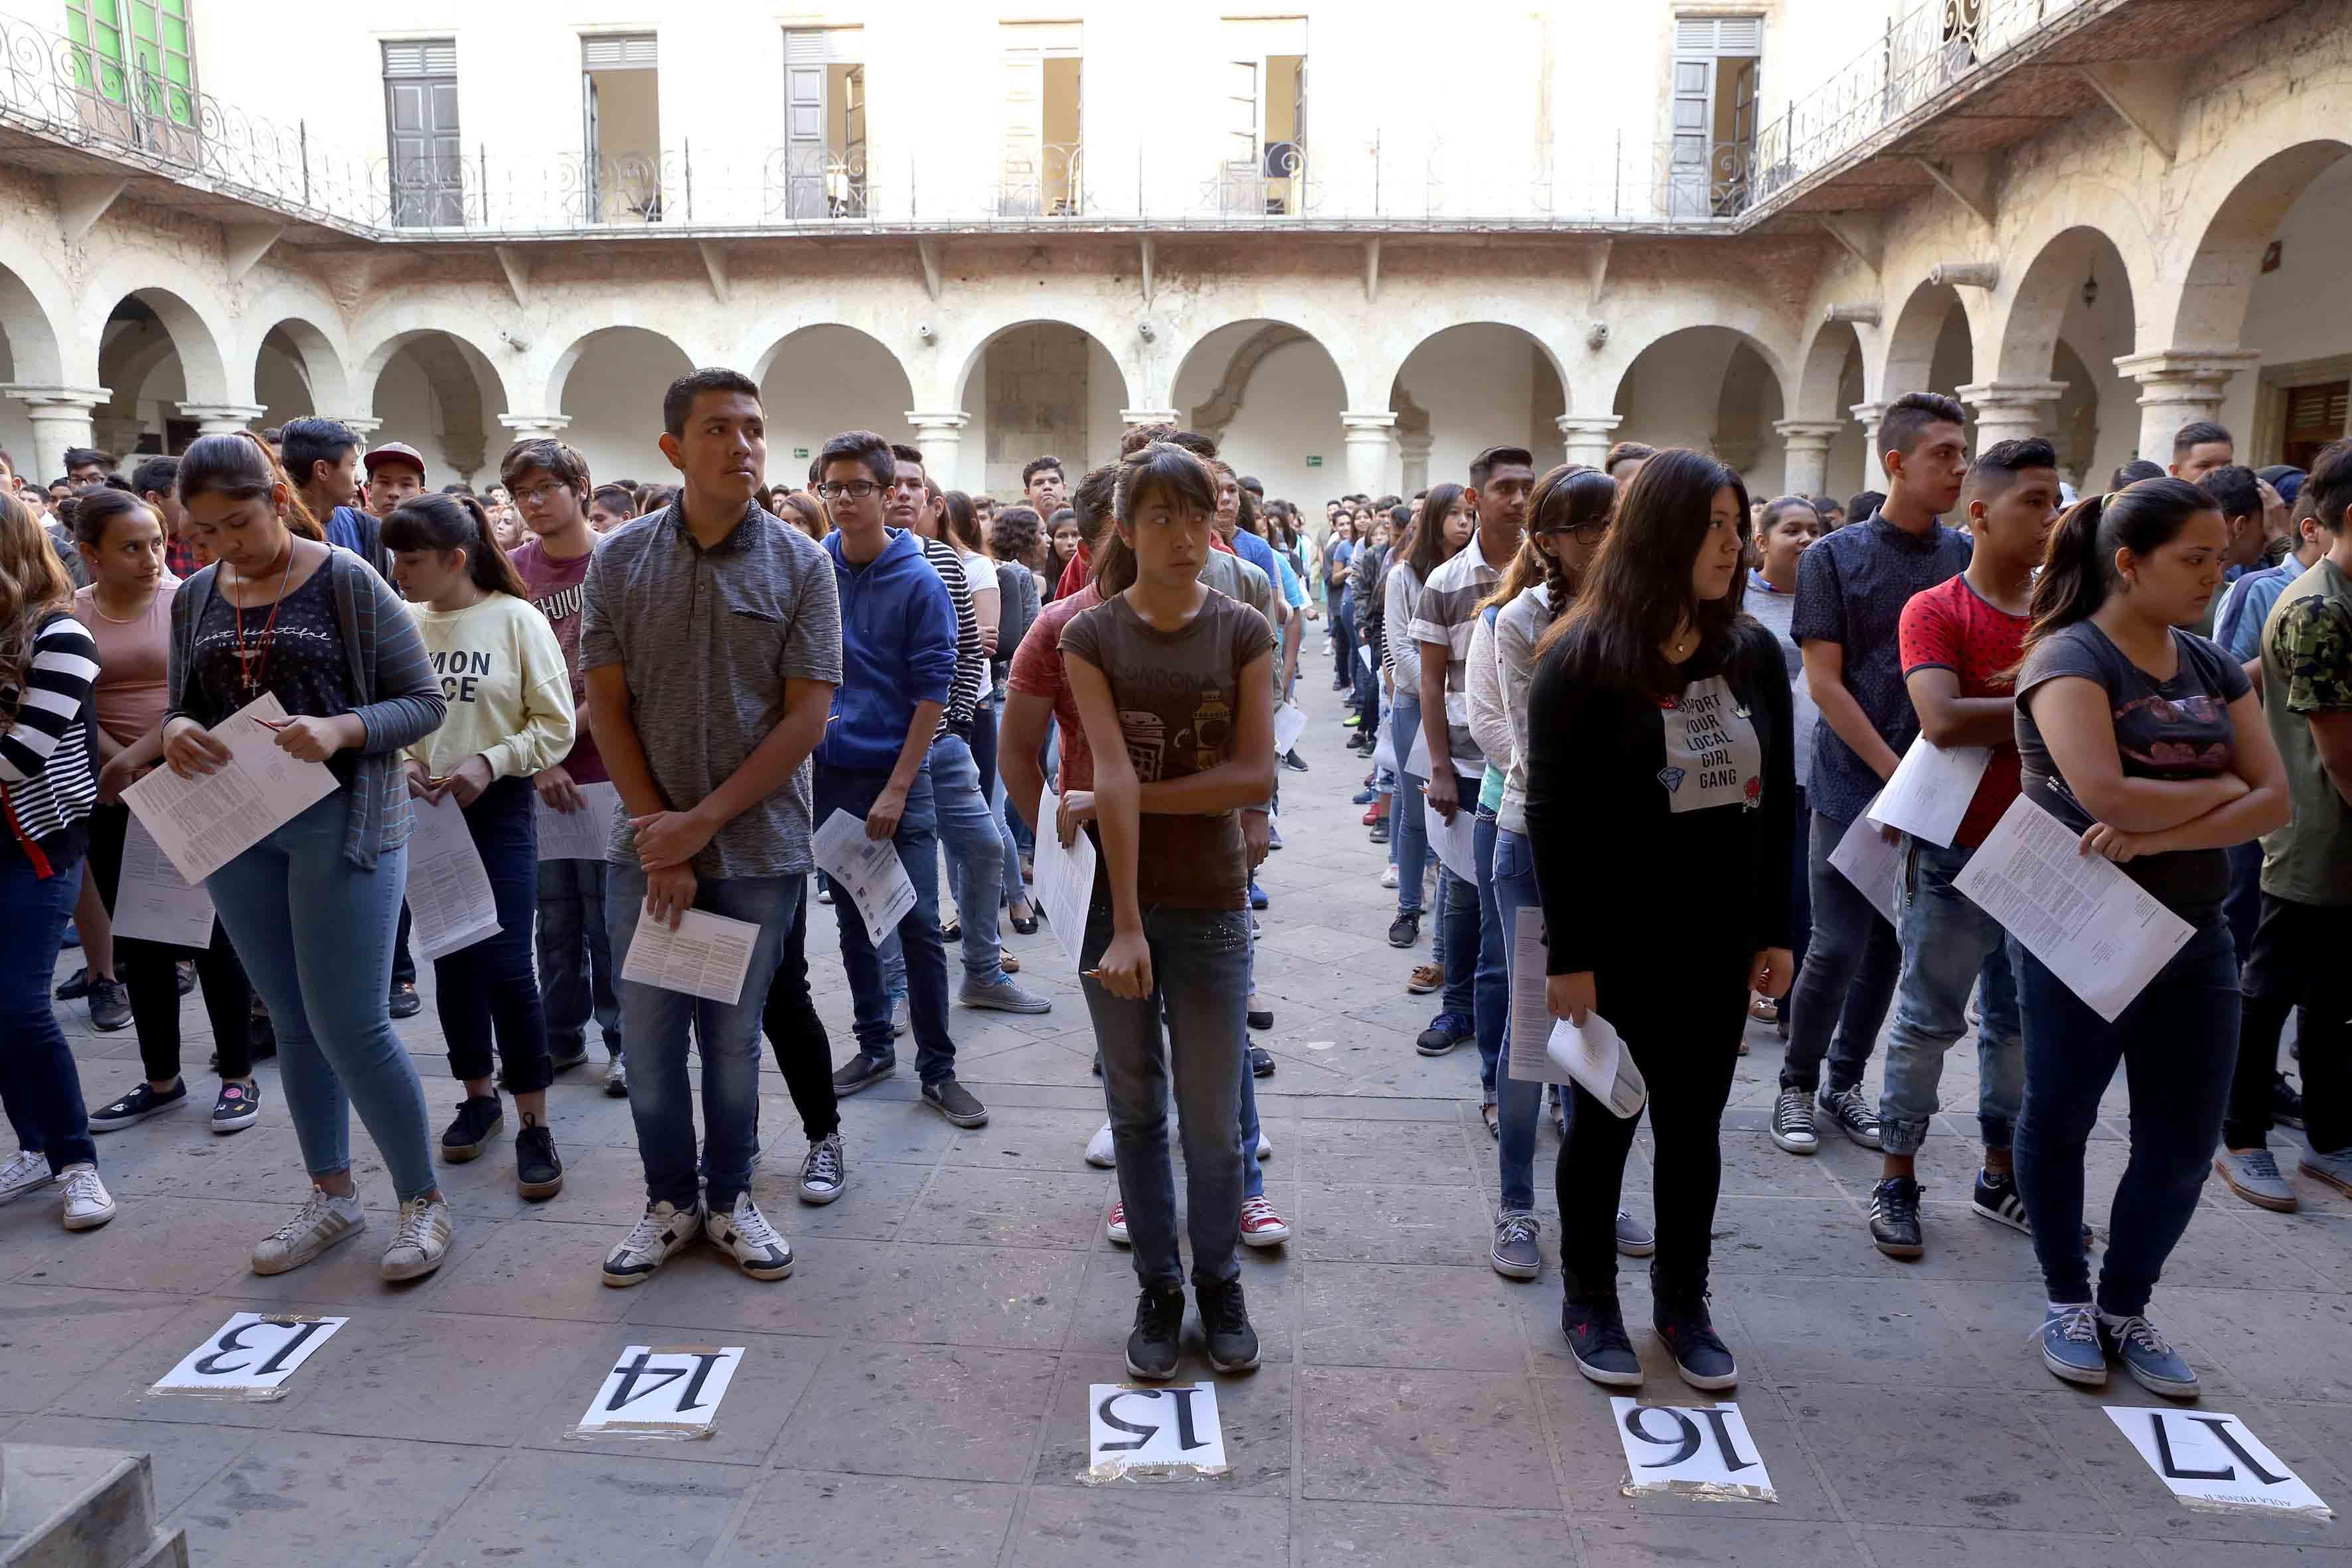 Aspirantes de preparatoria formados en fila con su solicitud para poder entrar a los salones a hacer el examen piense II.